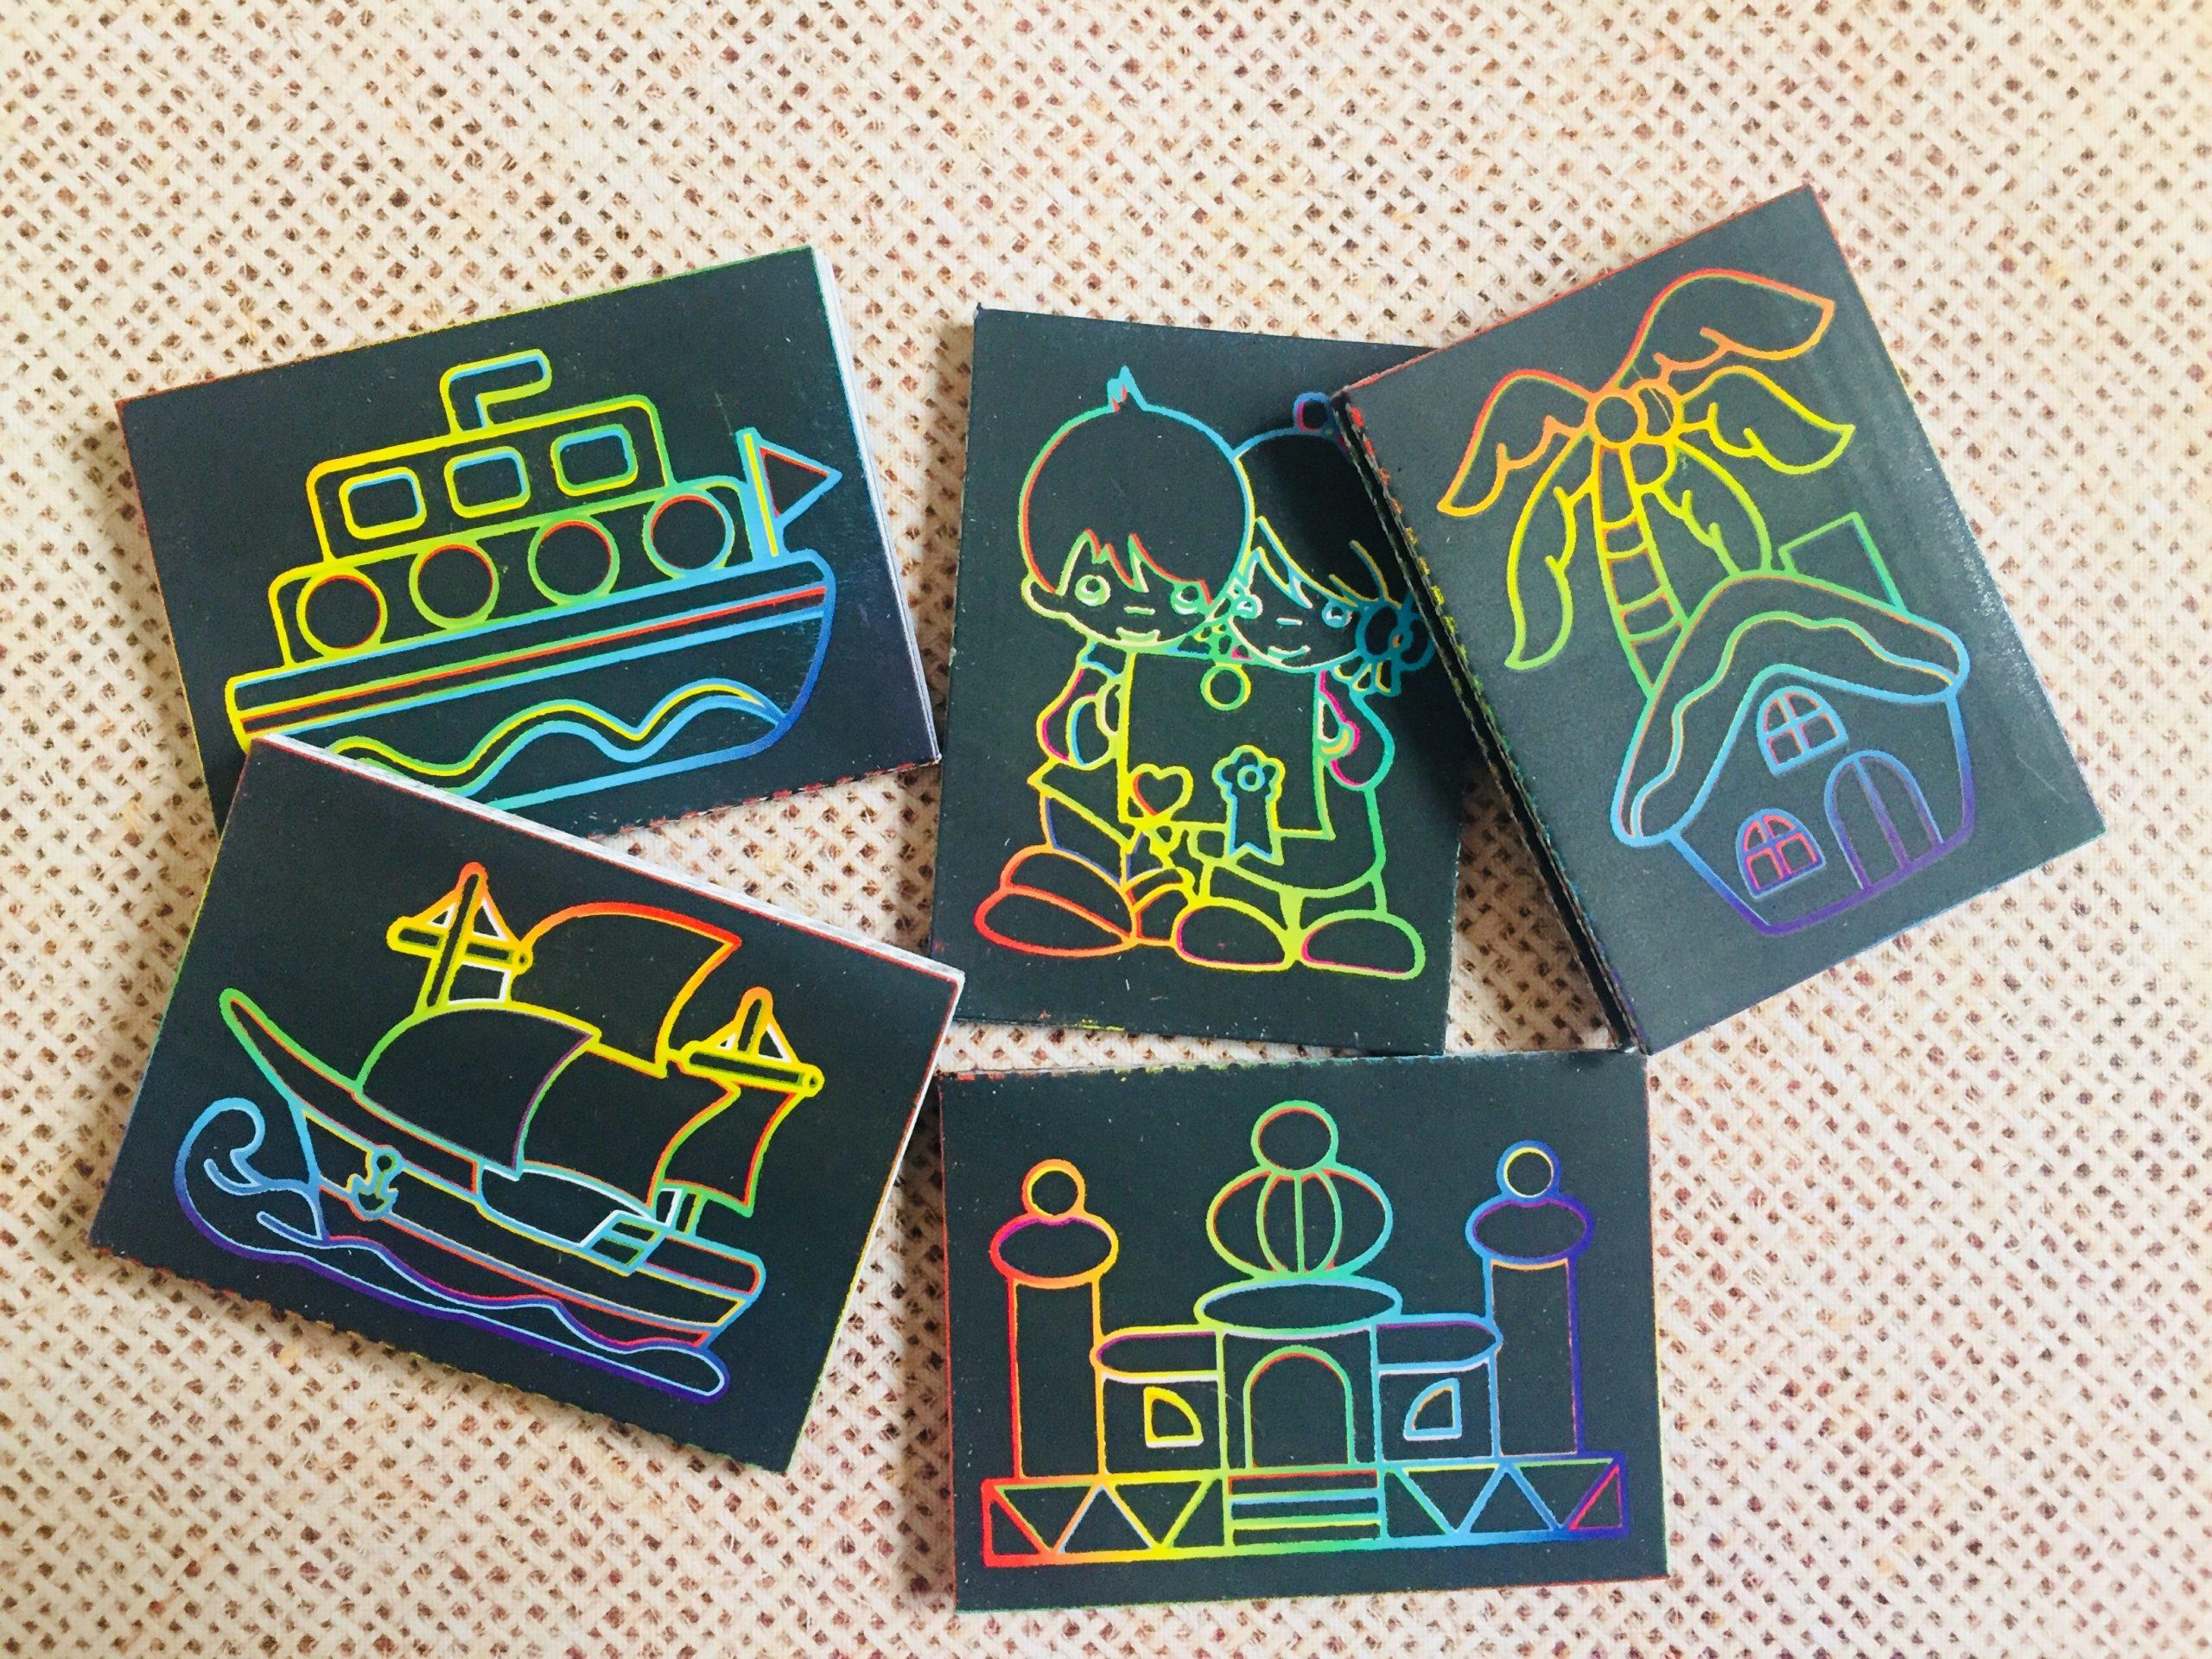 ست نقاشی جادویی 5 عددی